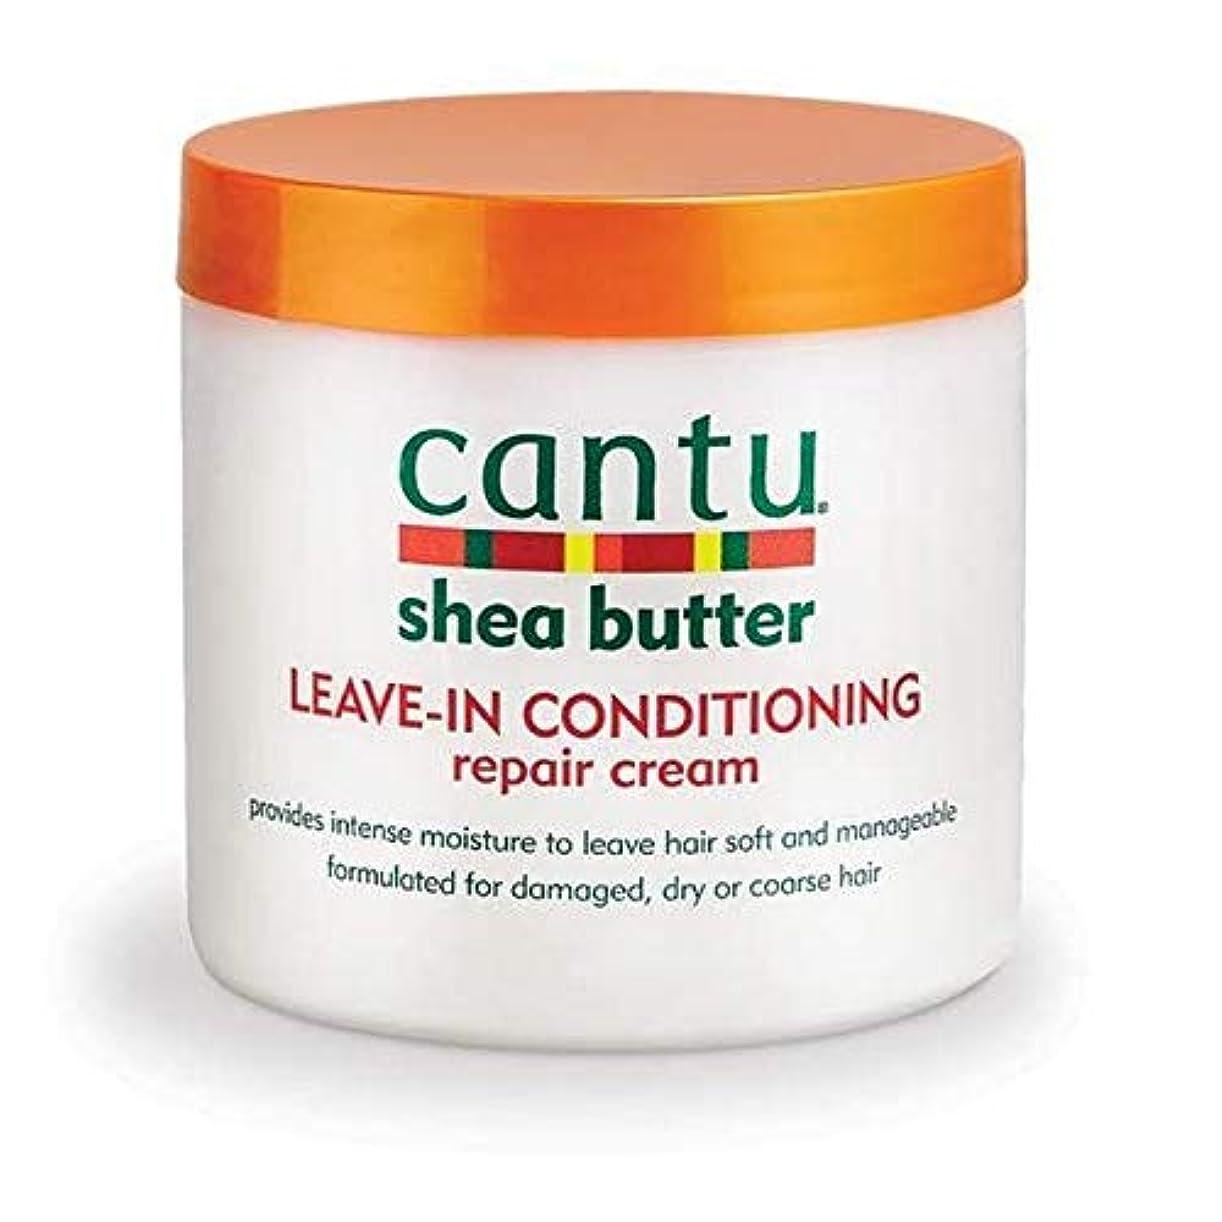 新鮮な言うまでもなくり[Cantu ] エアコン修理クリーム453グラムでカントゥシアバター休暇 - Cantu Shea Butter Leave in Conditioning Repair Cream 453g [並行輸入品]